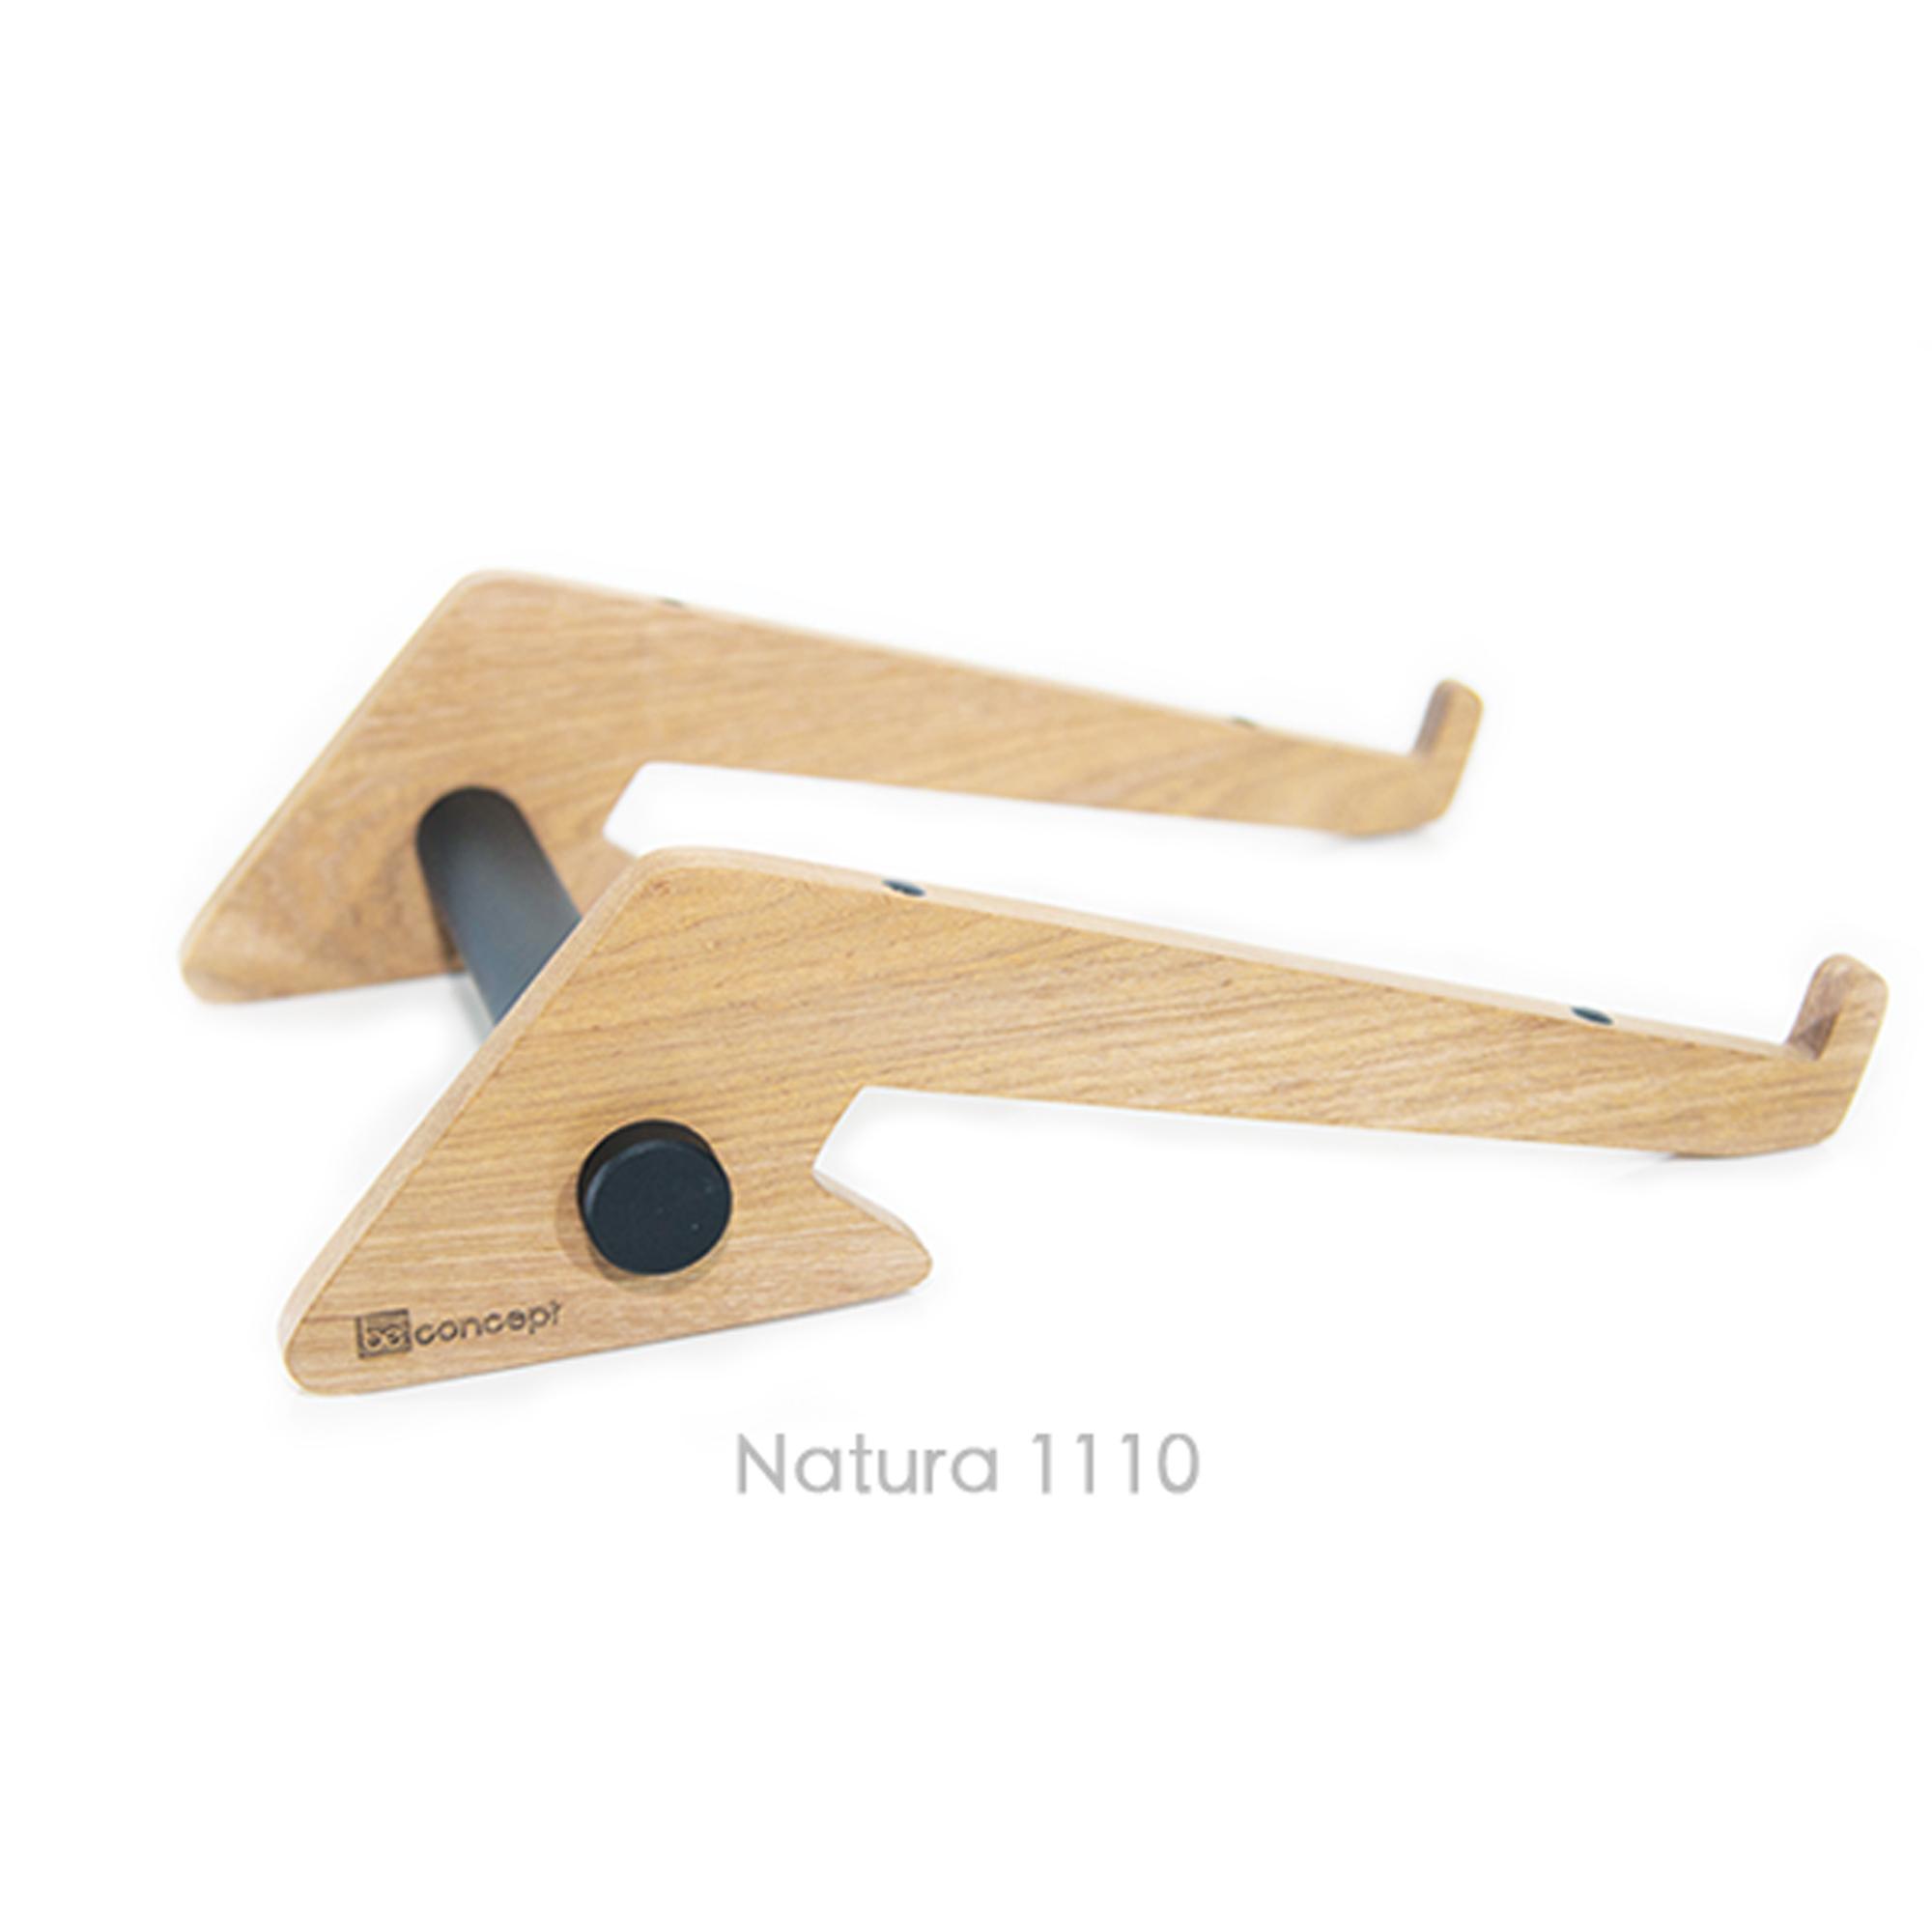 Natura 1110